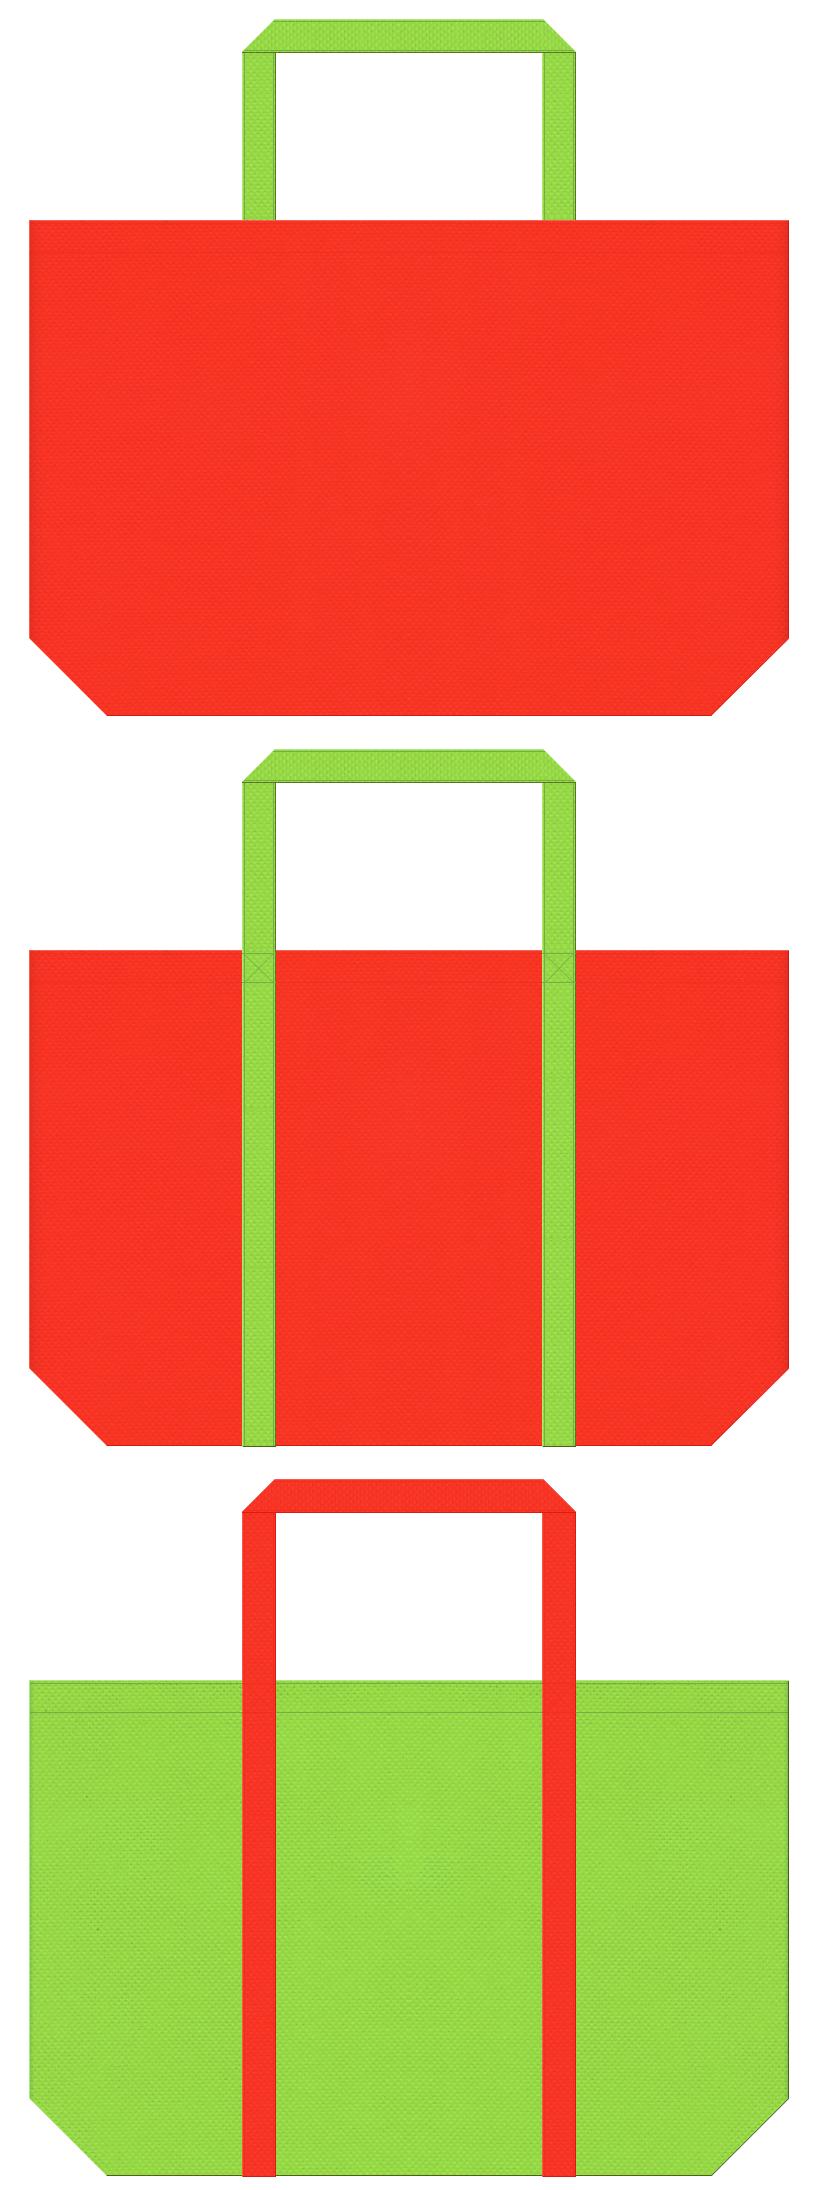 にんじん・食物繊維・野菜ジュース・野菜の販促ツール・ノベルティにお奨めの不織布バッグのデザイン:オレンジ色と黄緑色のコーデ